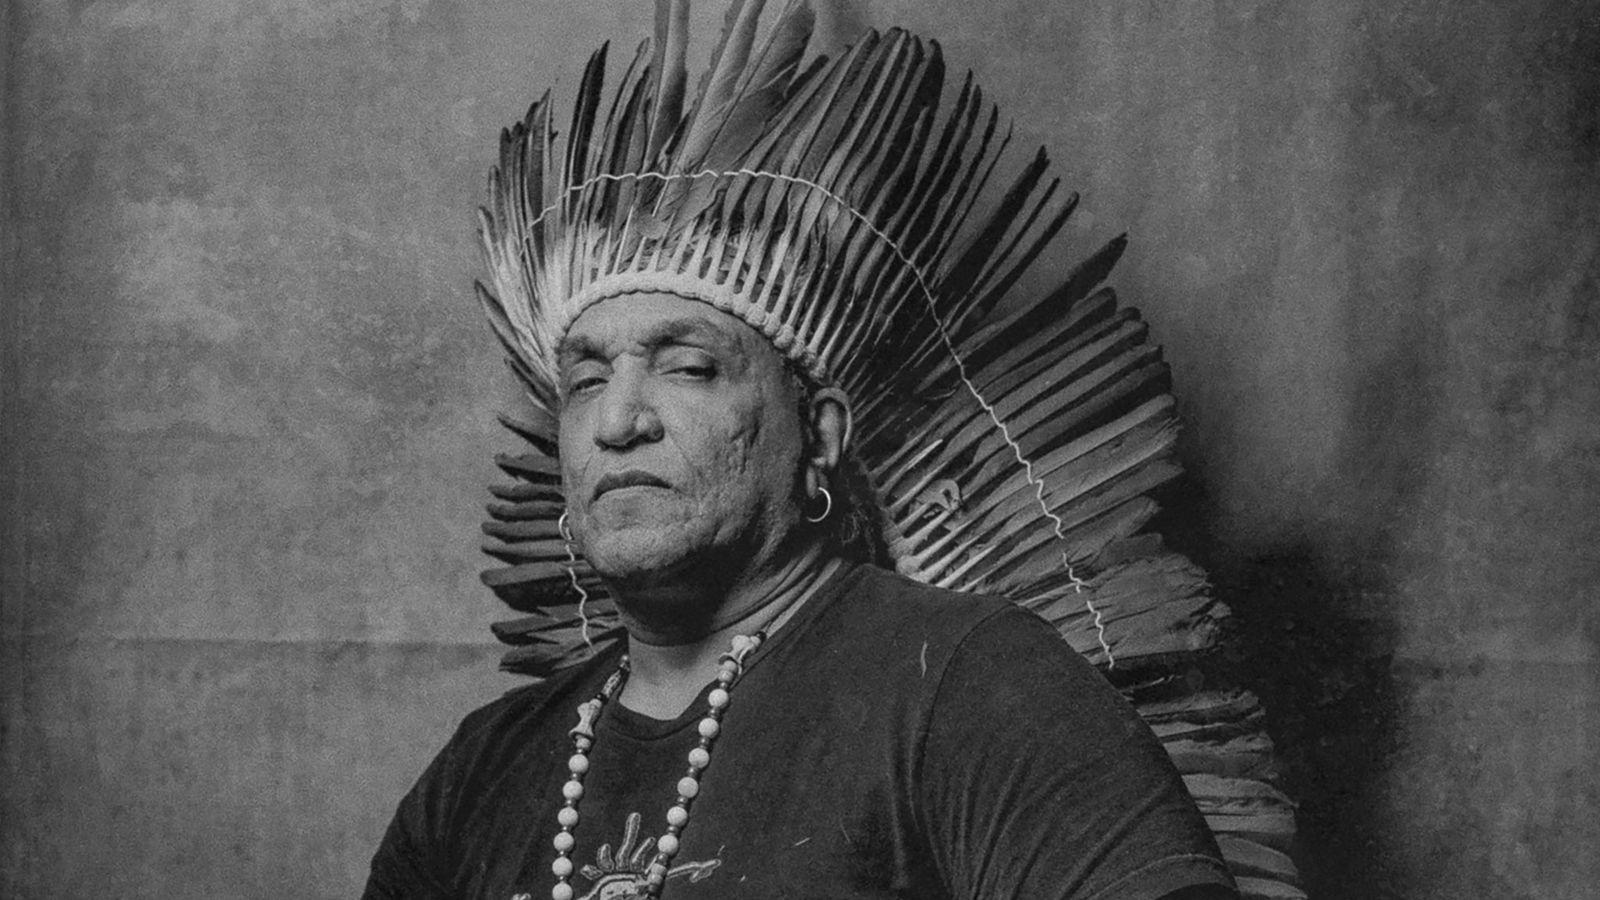 Durante séculos, acreditava-se que o povo indígena da região do Caribe, conhecido como taíno, estivesse extinto. ...